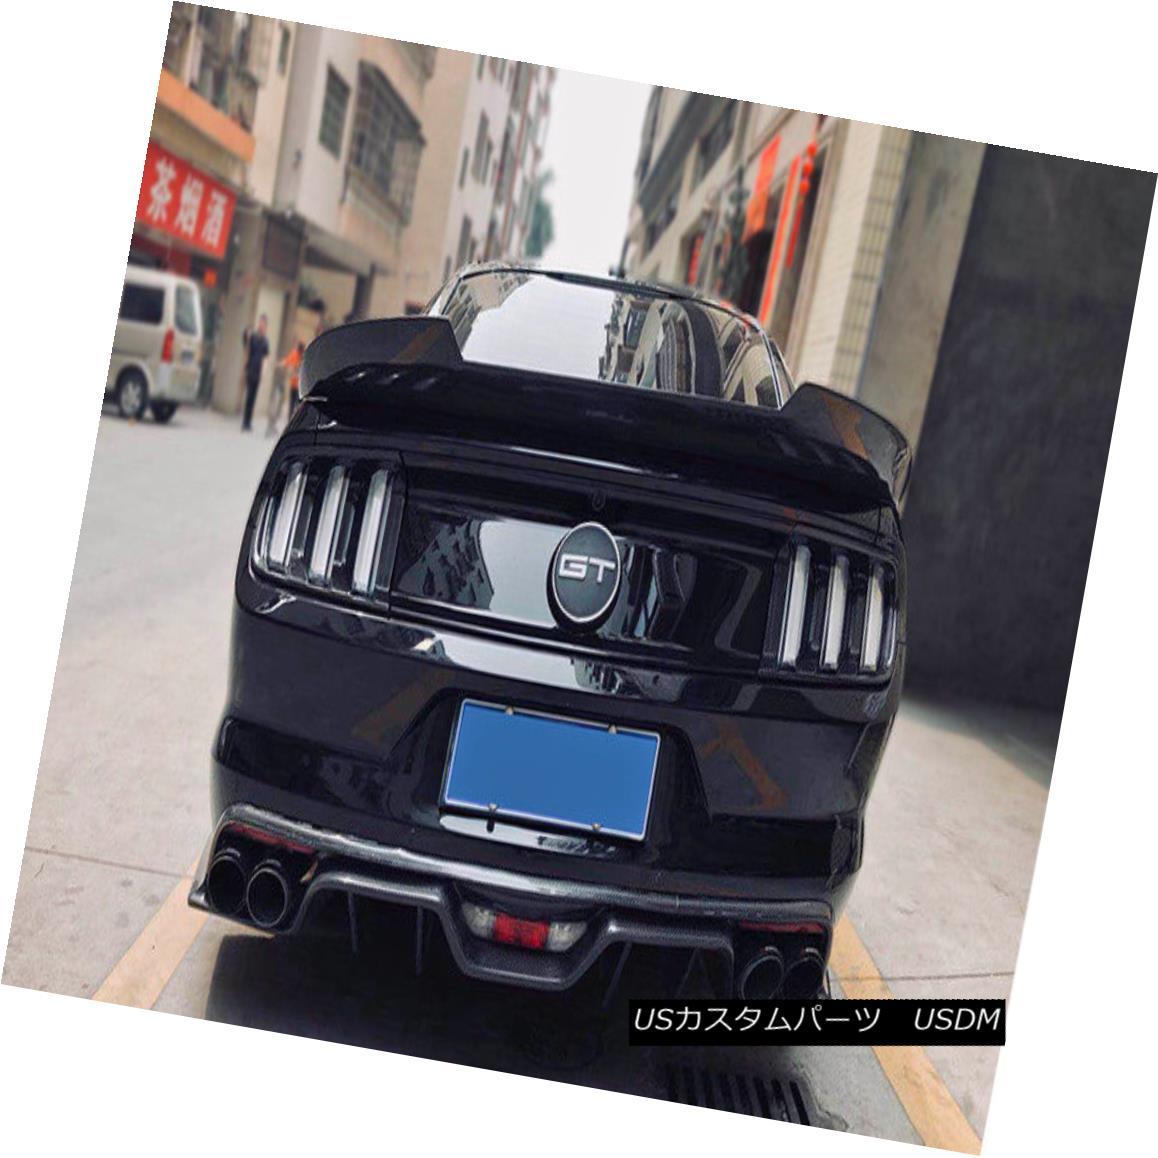 エアロパーツ ABC Rear Trunk Spoiler Wing Lip Kit For Ford Mustang 2015 MMD Style Carbon Fiber Ford Mustang 2015 MMDスタイルカーボンファイバー用ABCリアトランクスポイラーウイングリップキット